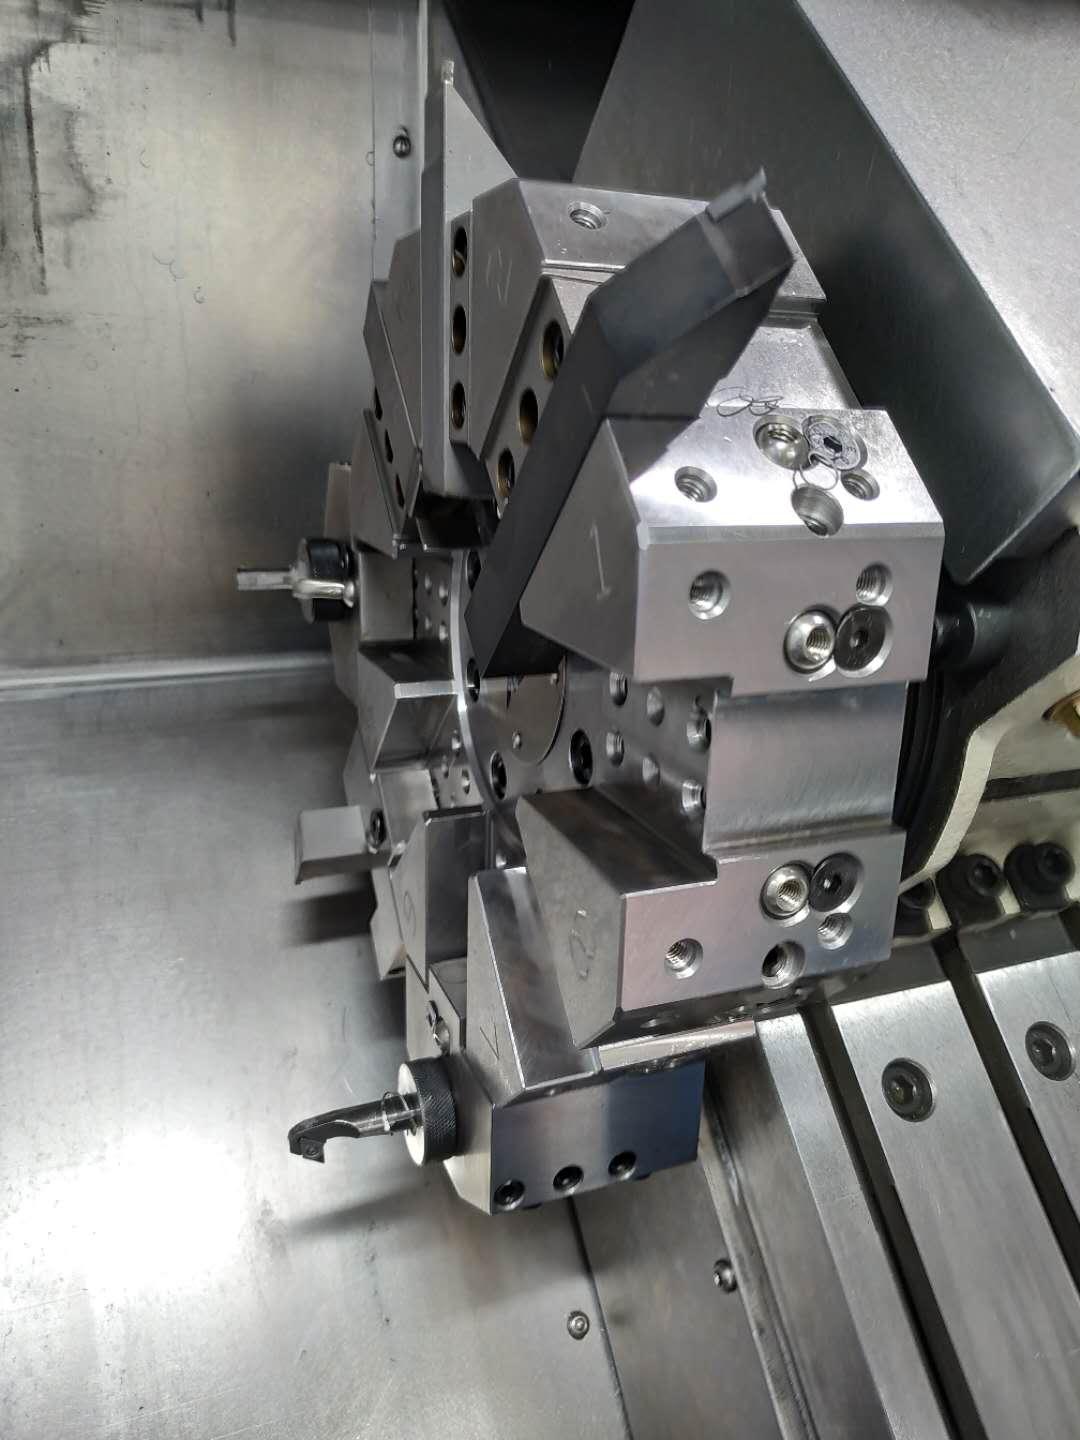 S36 7C SLANT CNC WITH GANTRY LOADER